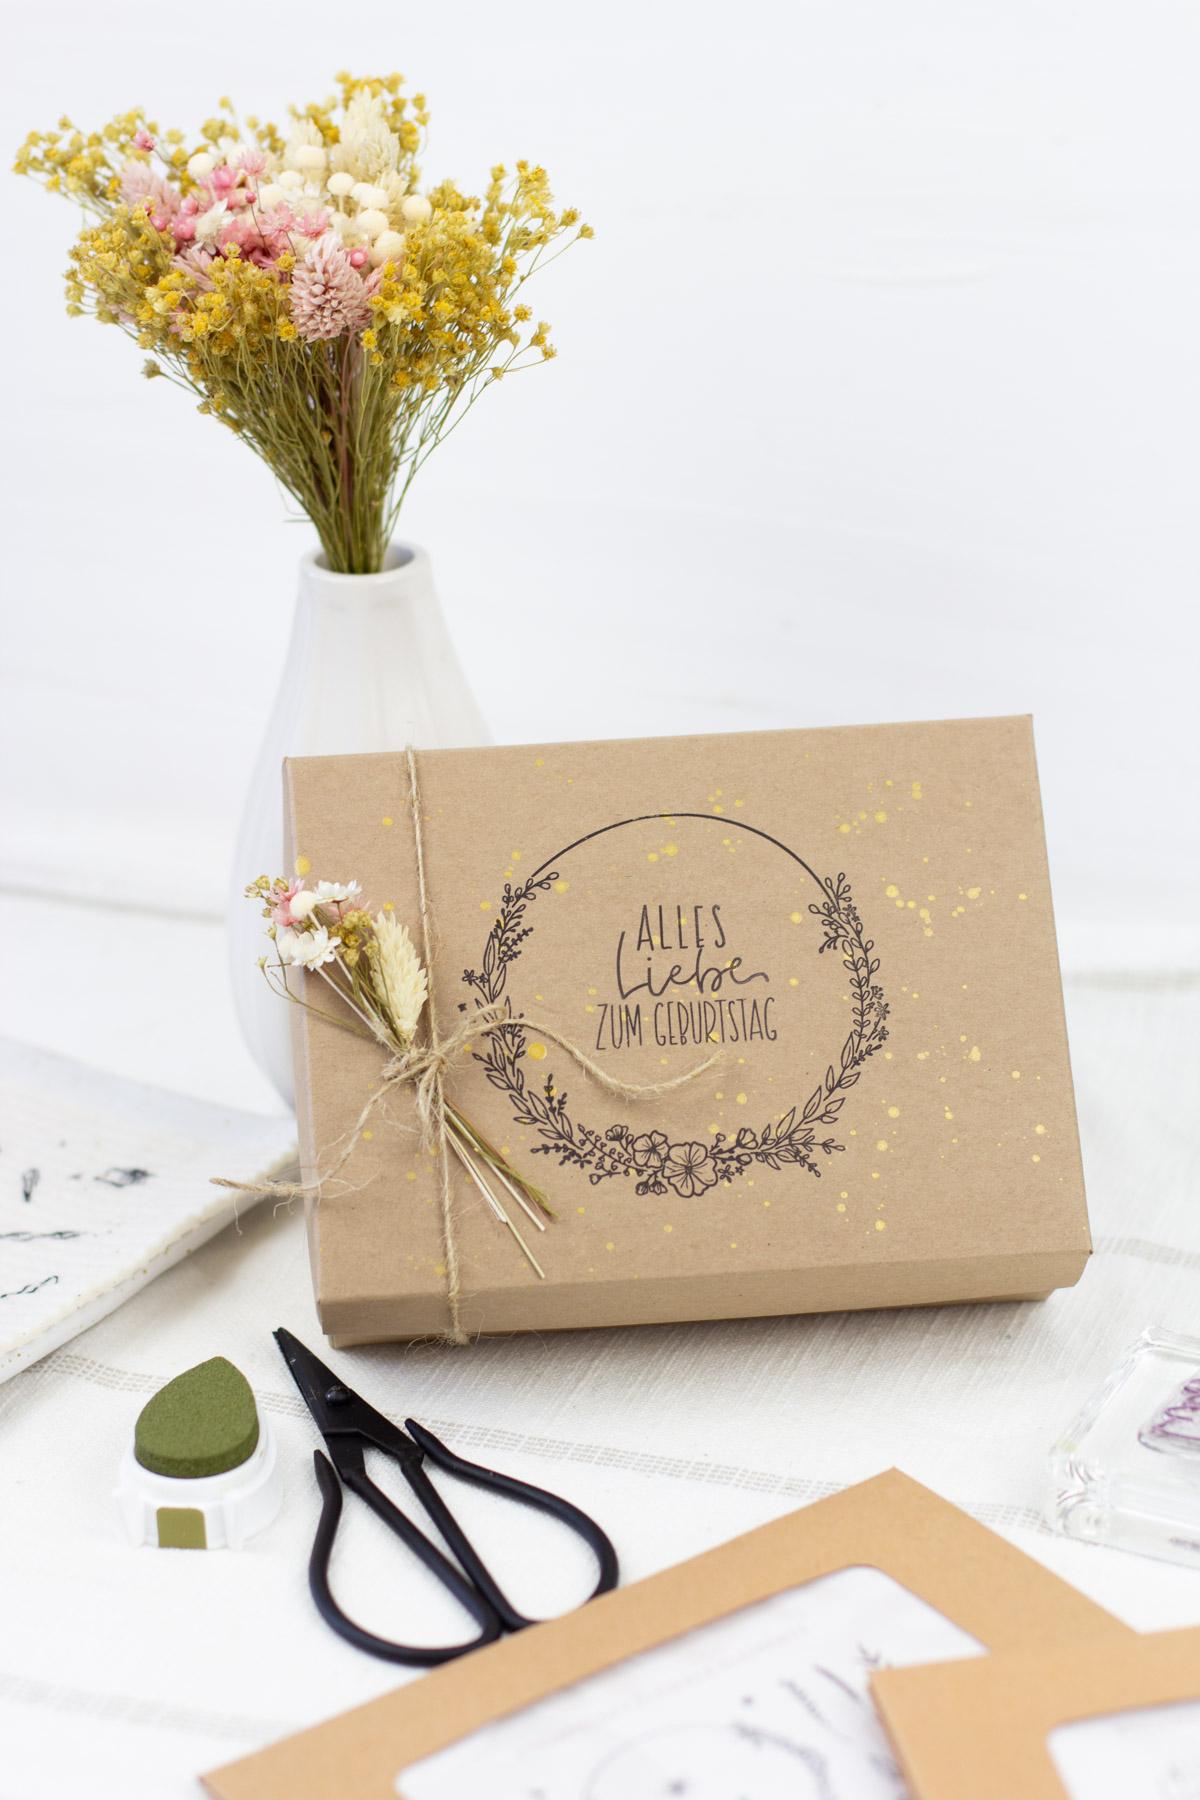 Freulebnis Box Stempeln rund ums Jahr | Cozy Nature | DIY Set | Unsere kleine Bastelstube - DIY Bastelideen für Feste & Anlässe